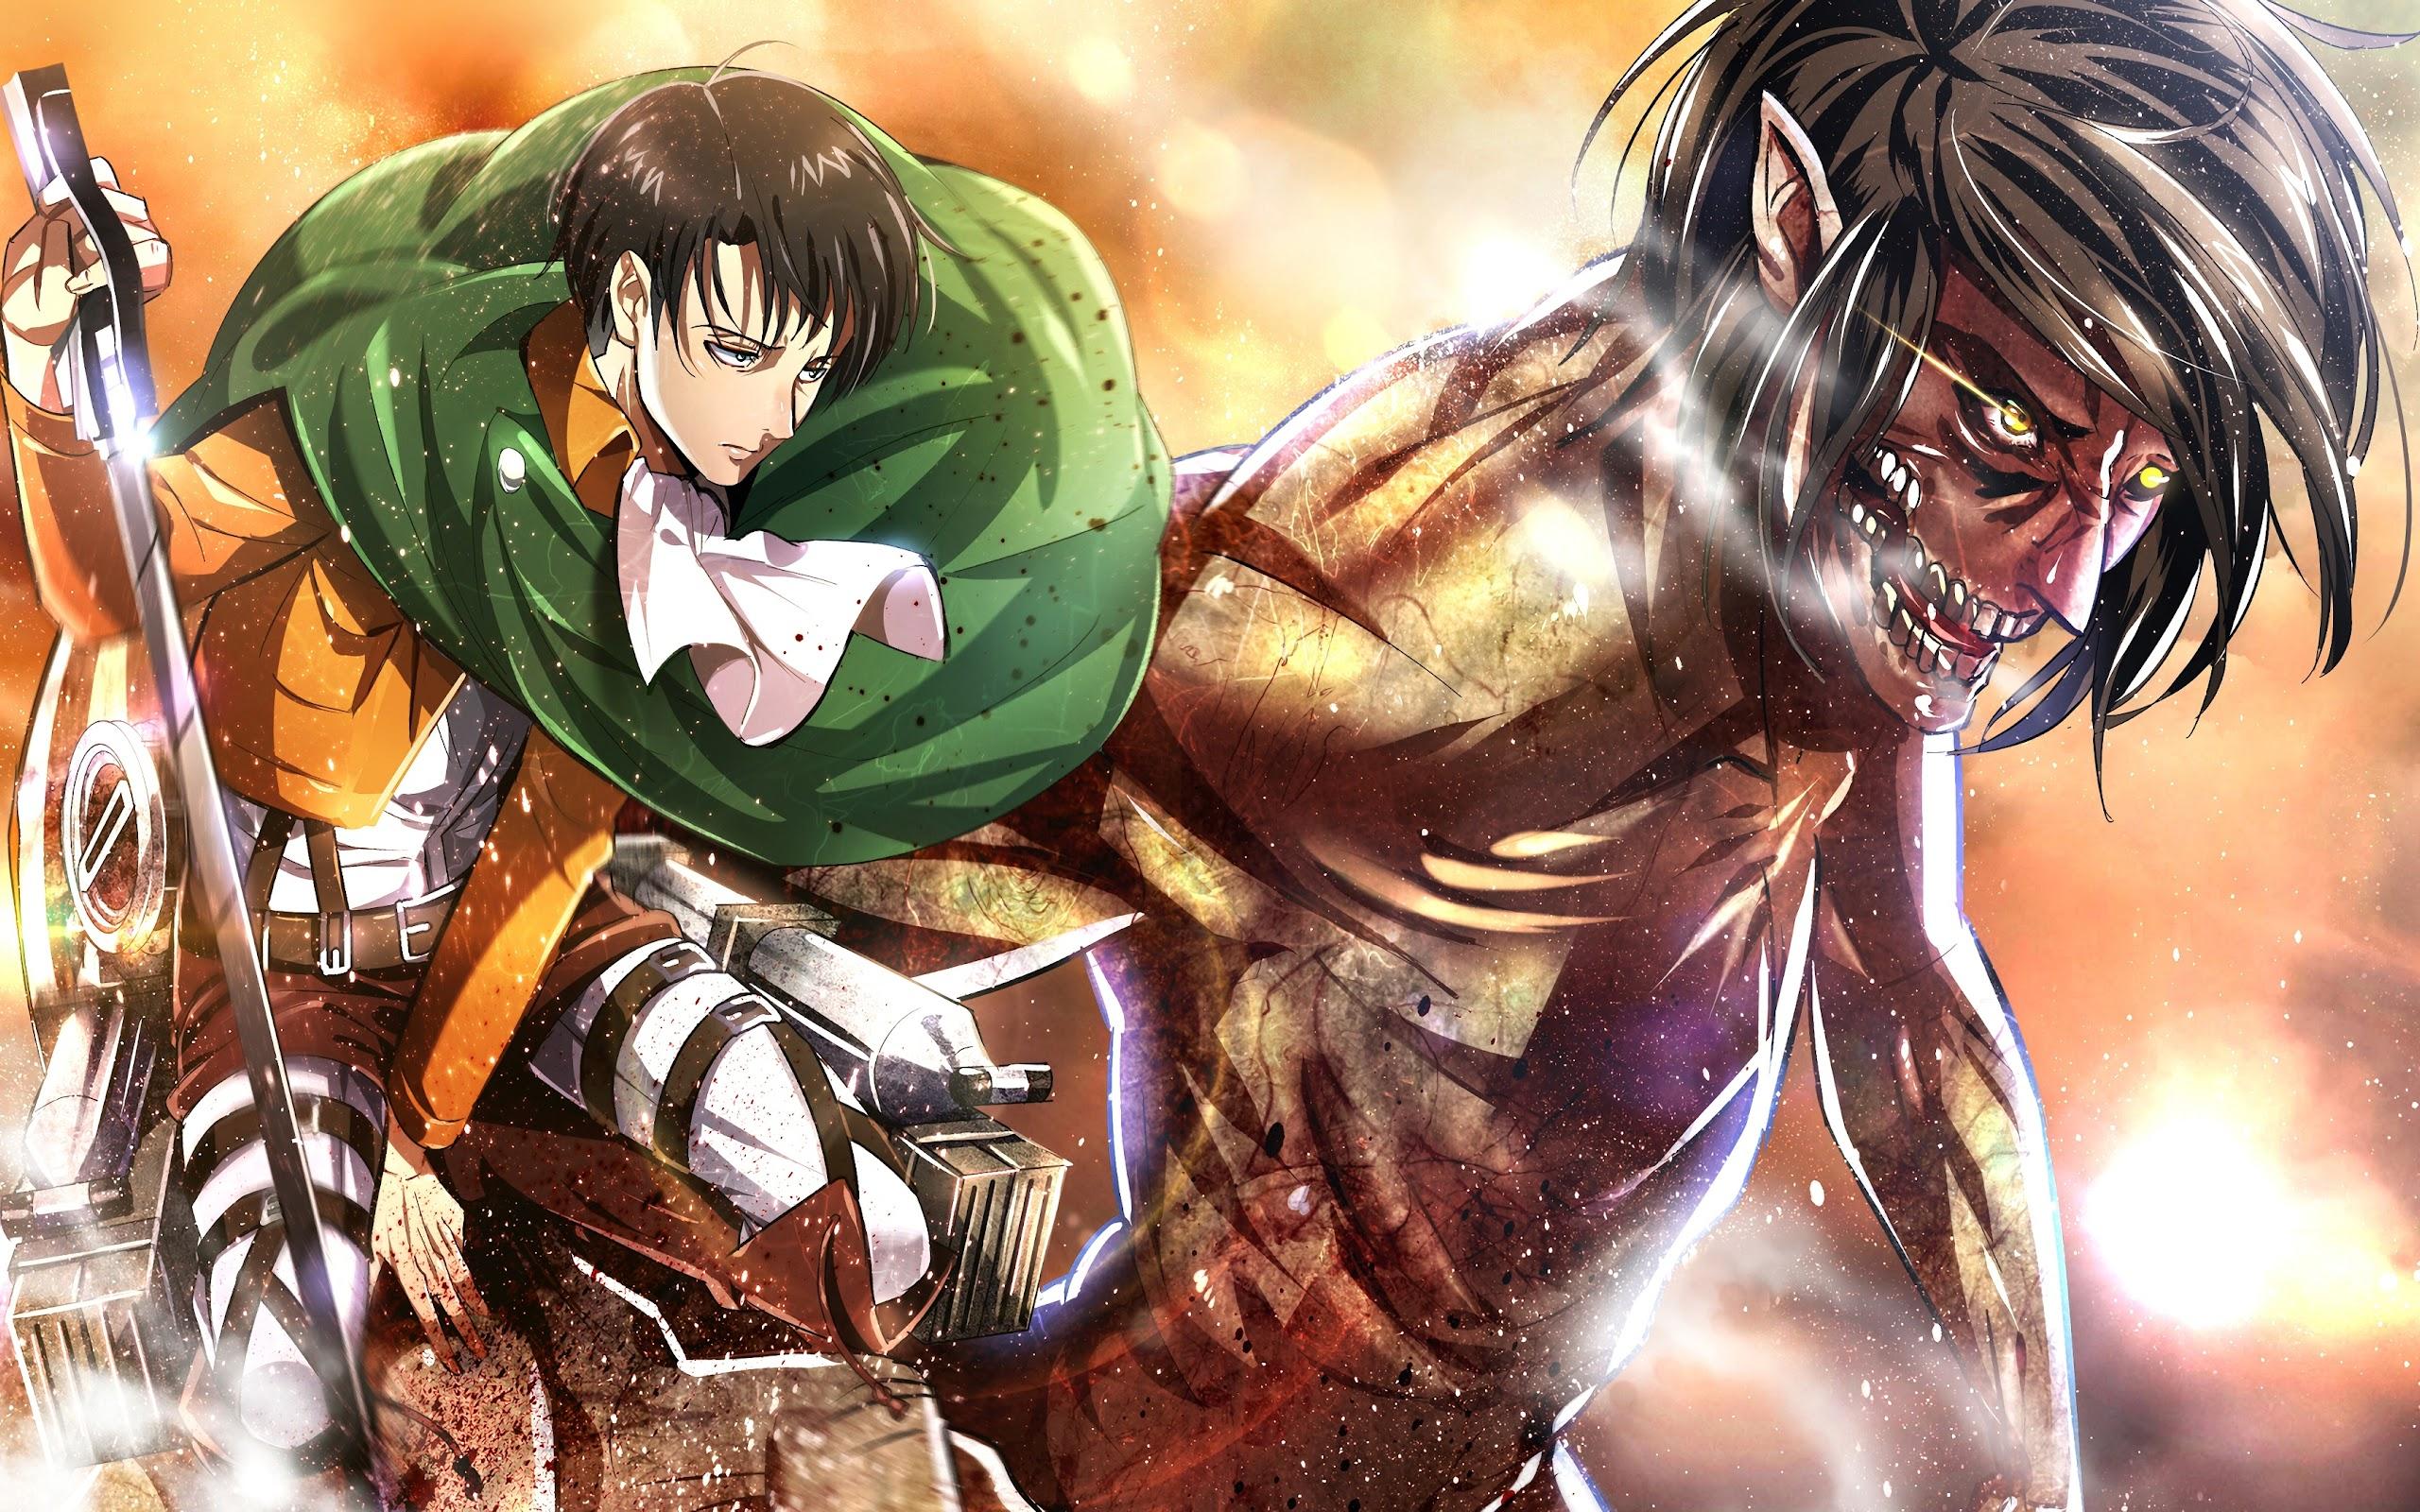 Levi Attack Titan Attack On Titan 4k Wallpaper 141